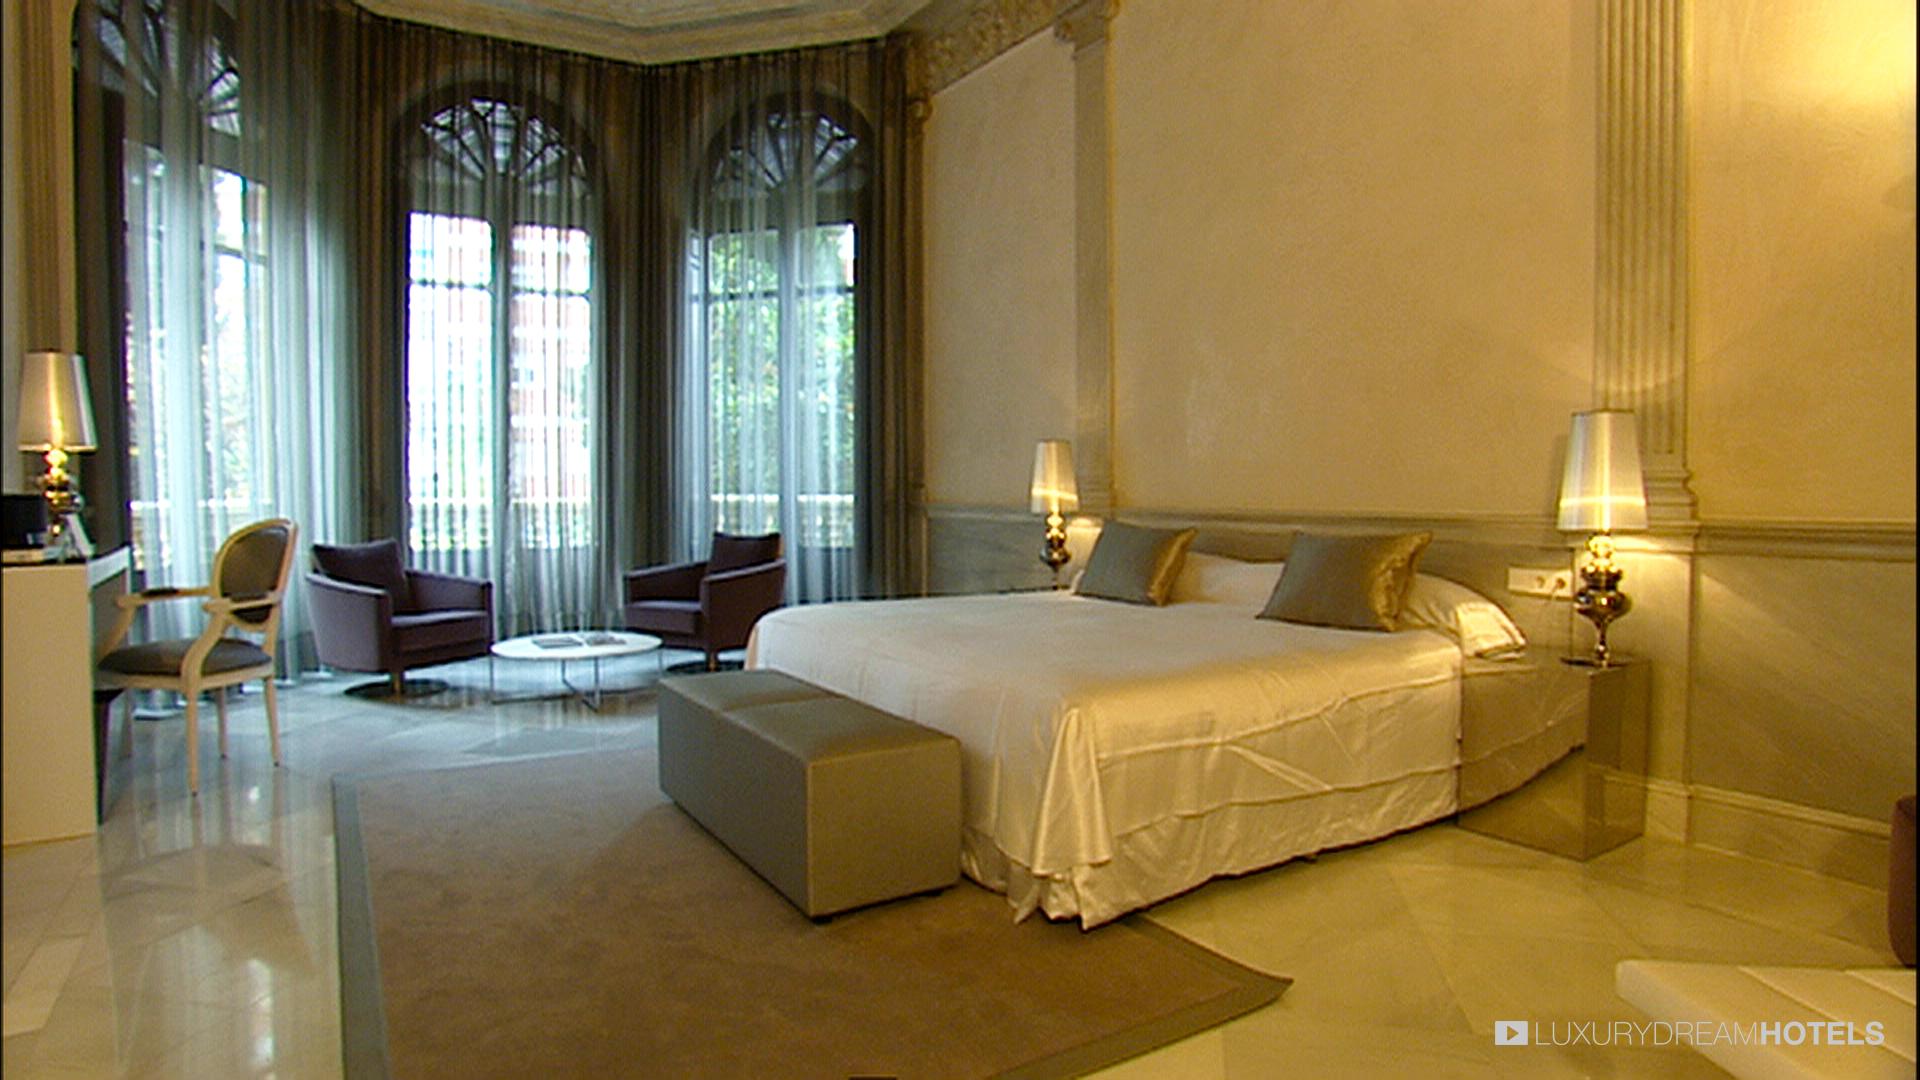 Spain Luxury Hotels